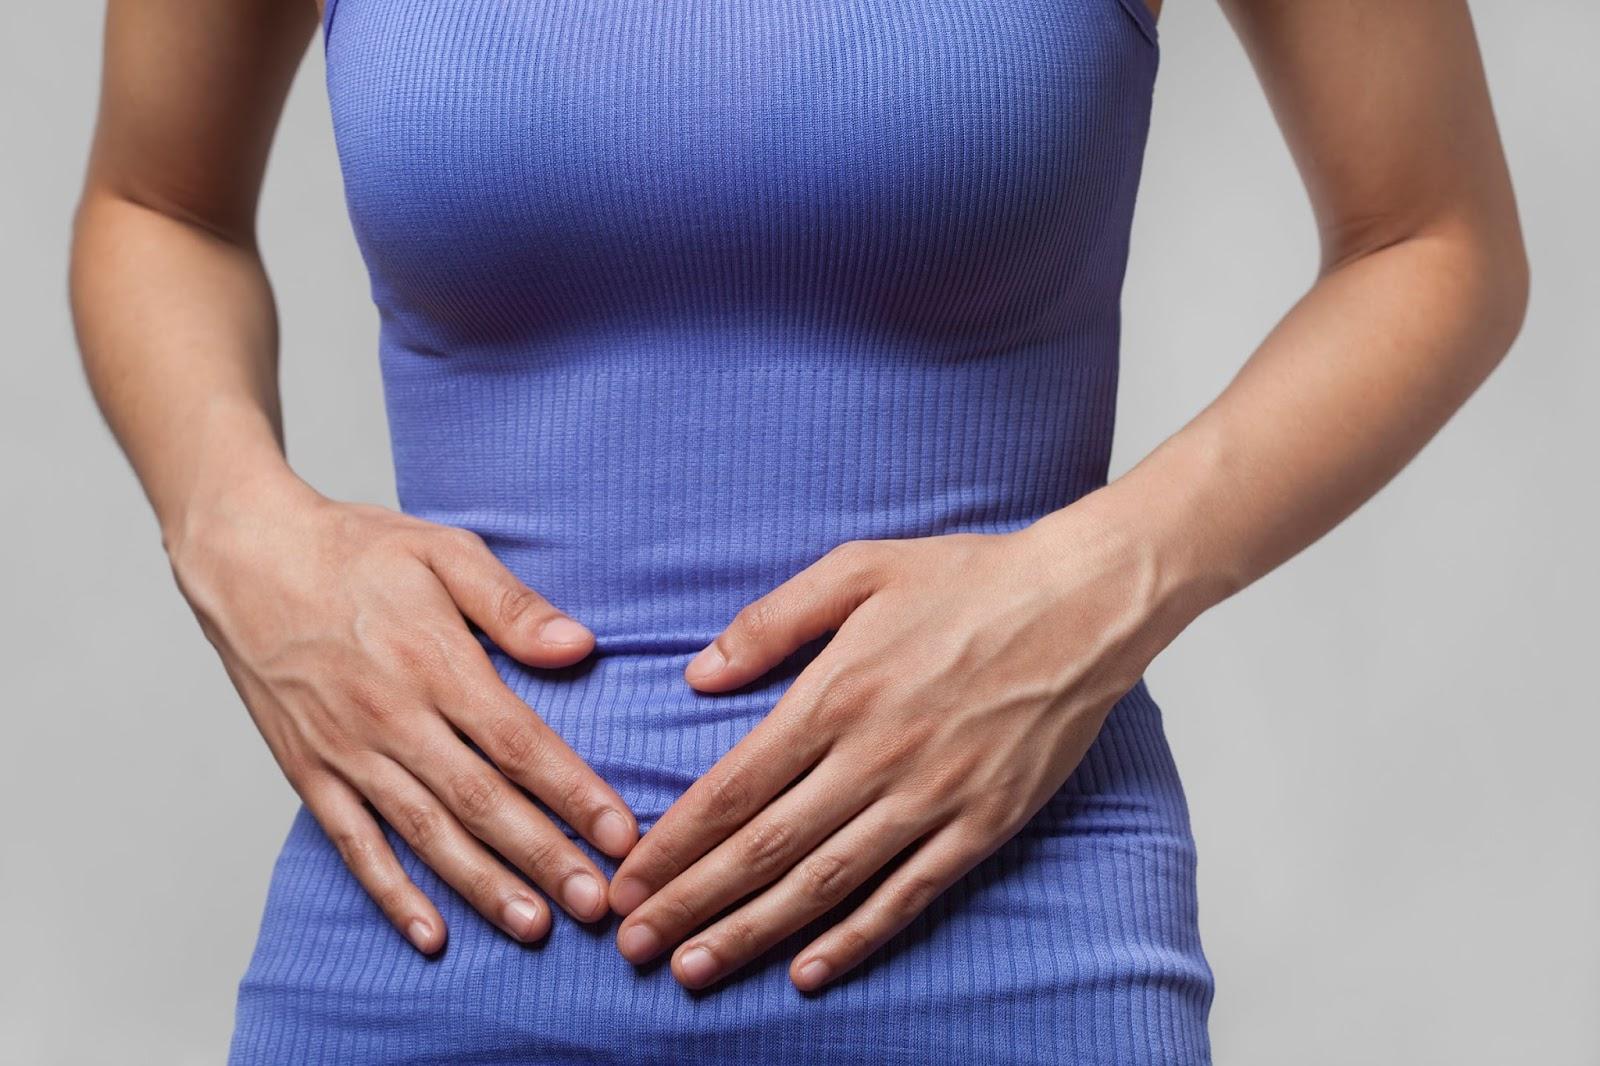 Болит желудок: что делать в домашних условиях? 76